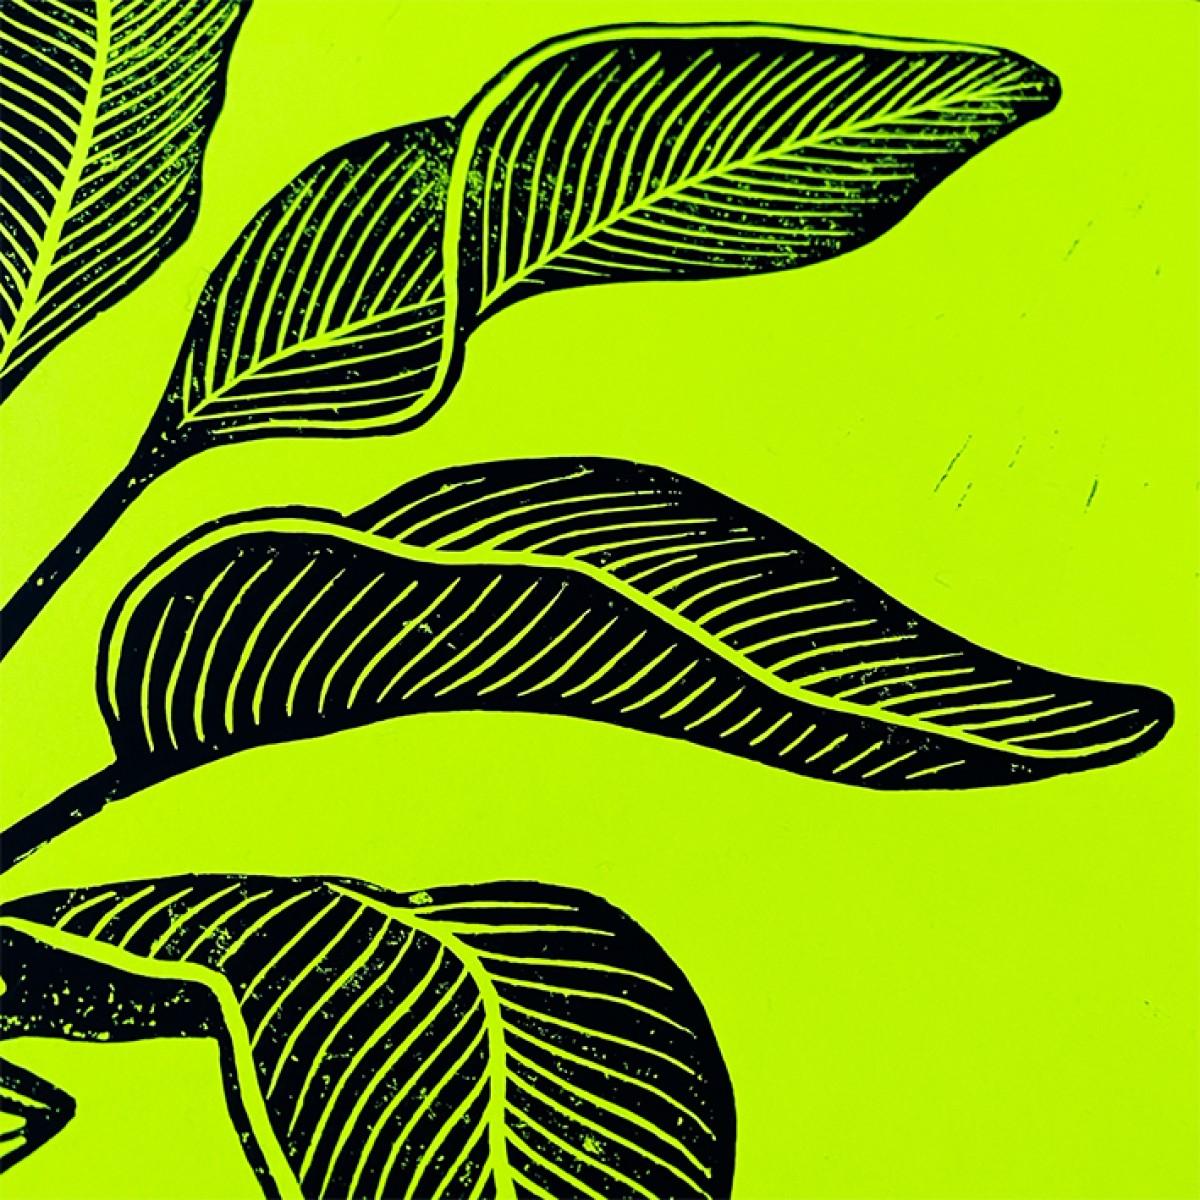 Juliana Fischer - Vase Sphinx - Linoldruck, neongelb, DIN A3